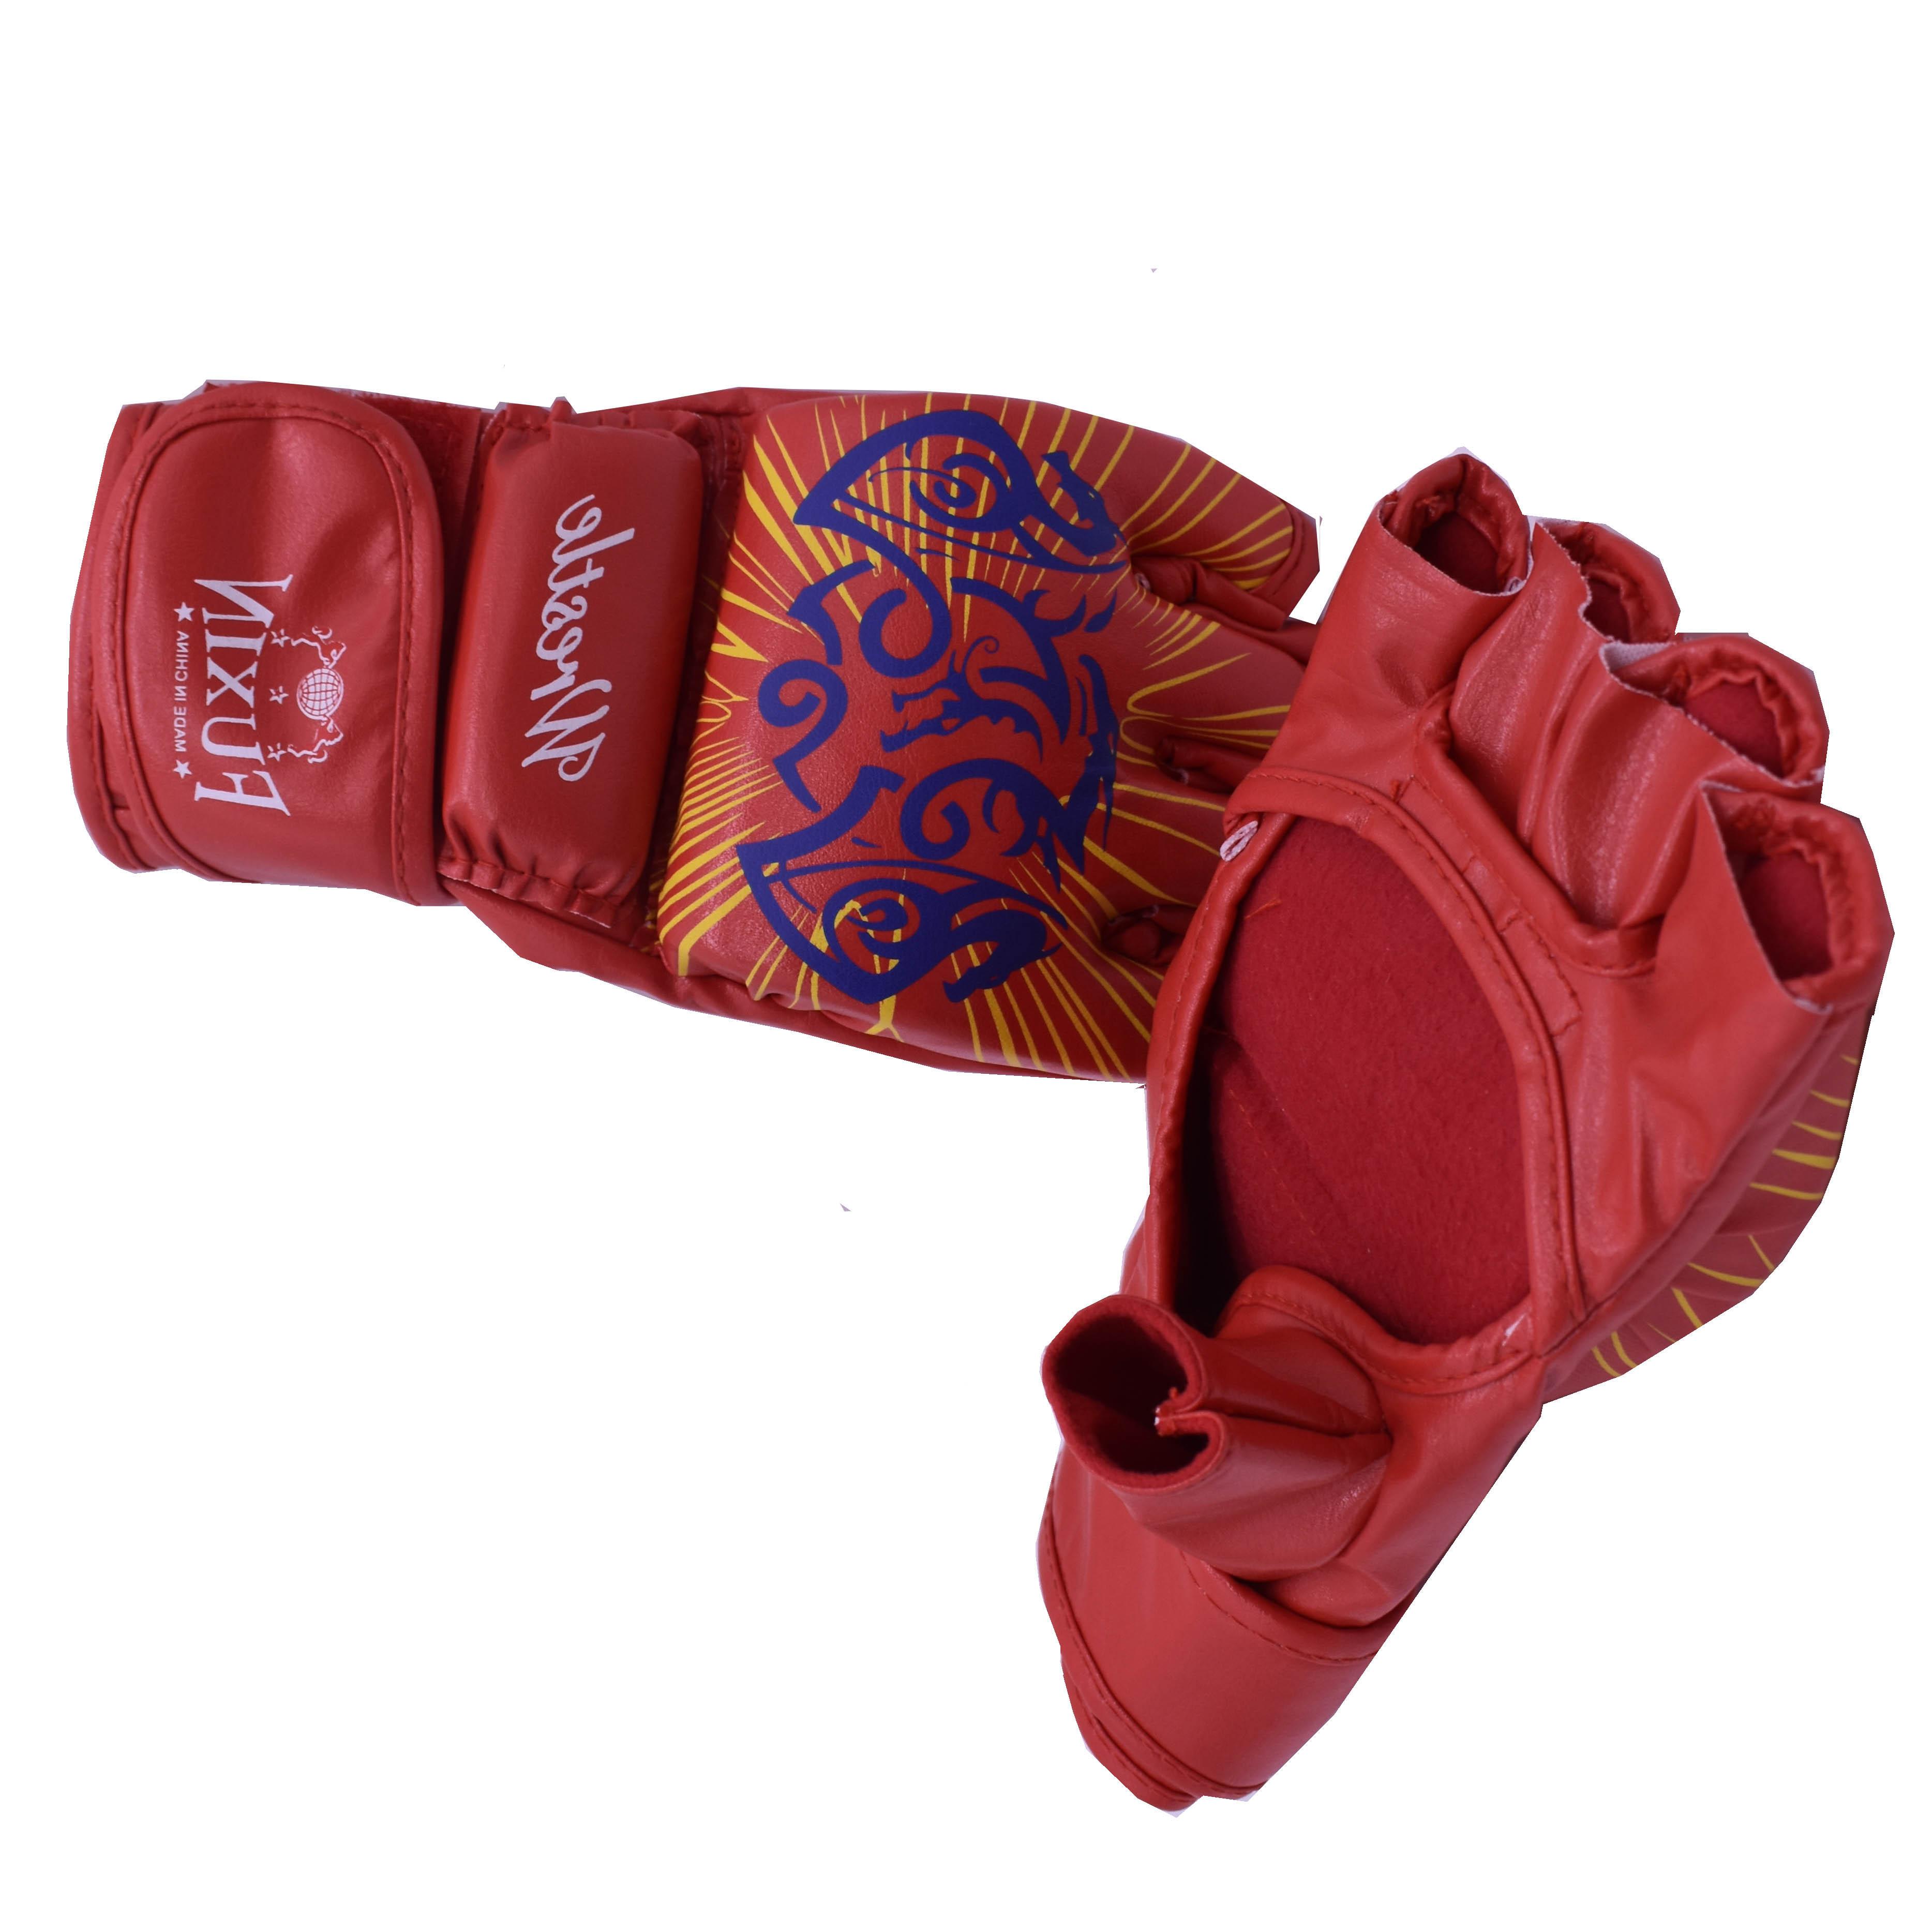 фото боксерских рукавичек красном